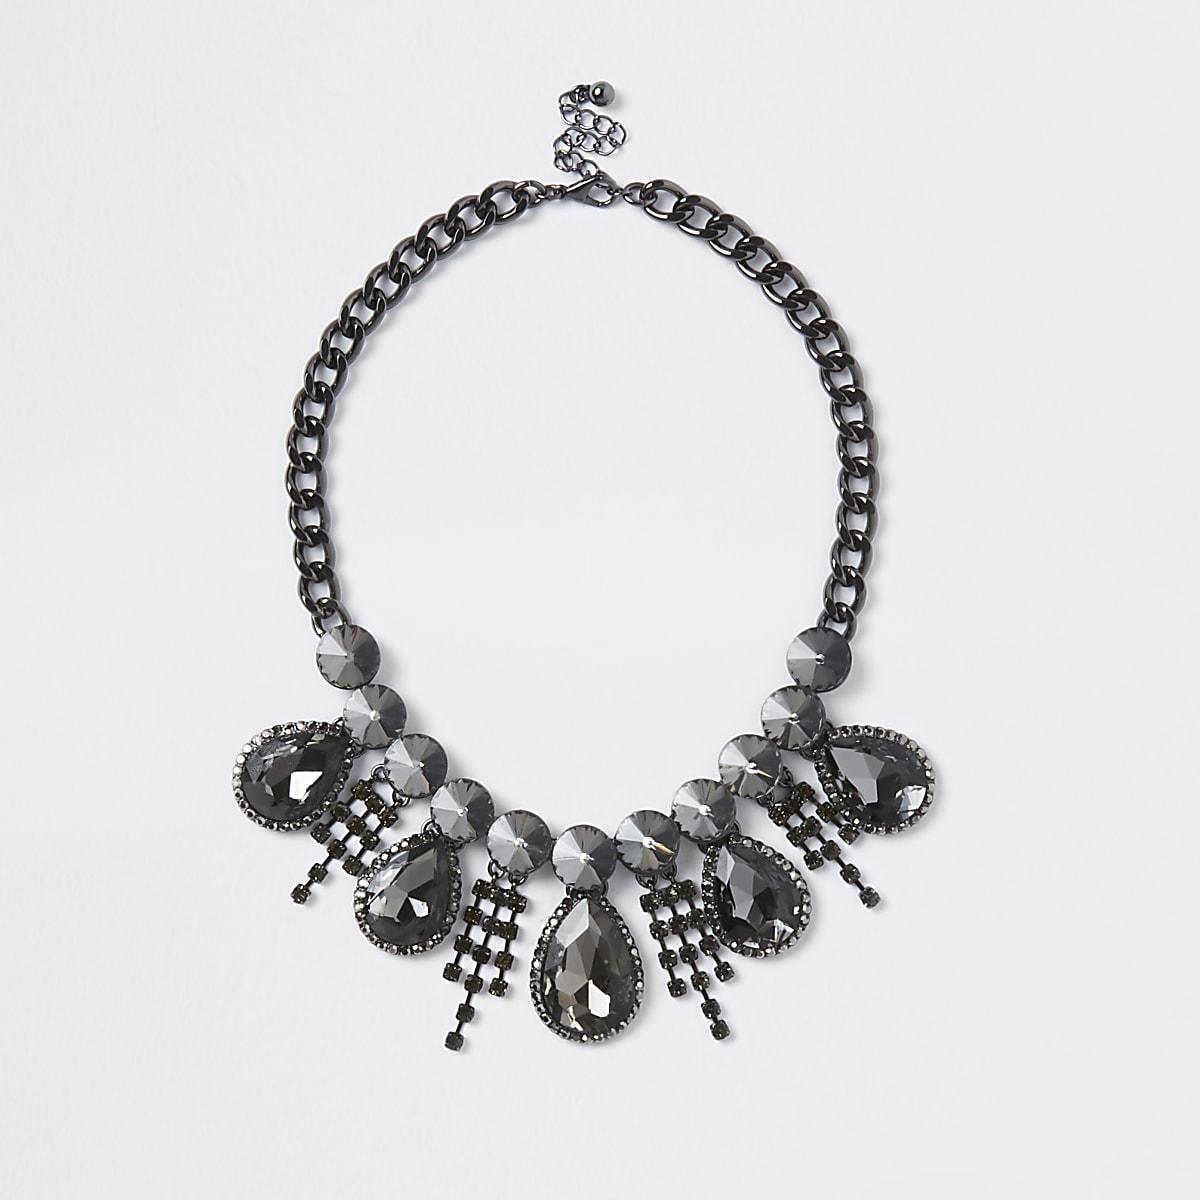 Black diamante teardrop necklace